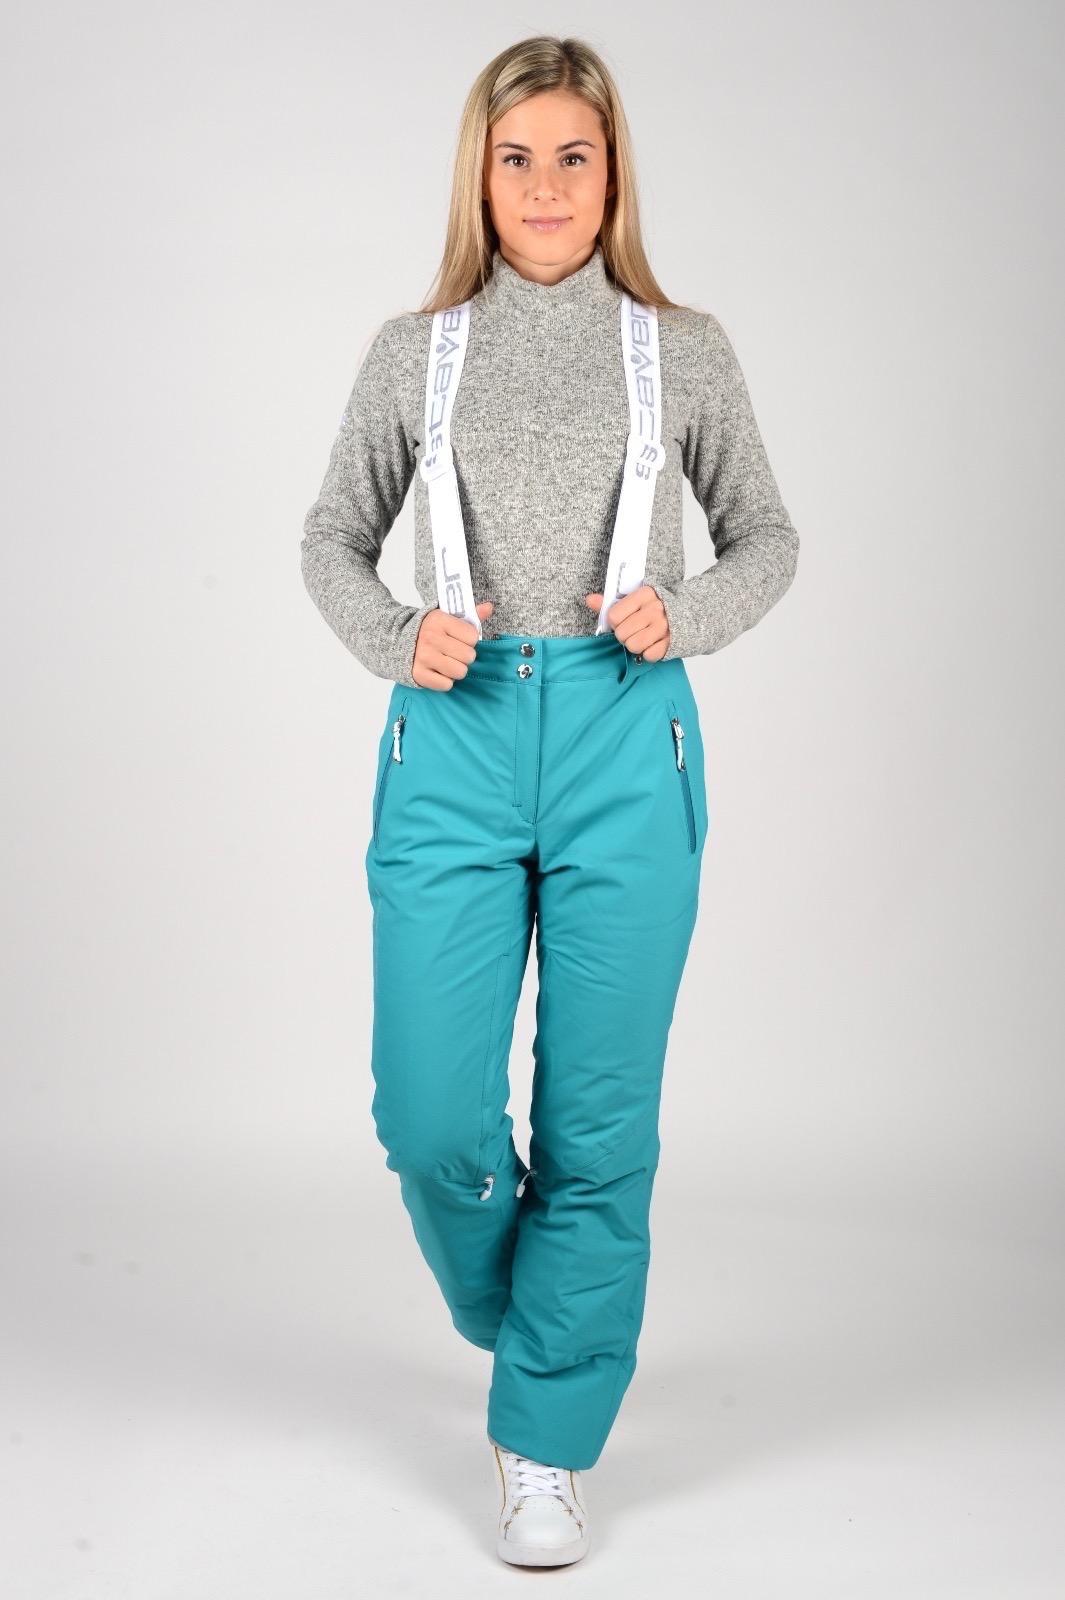 Специалисты этих НИИ проводят тестирование одежды на соответствие  необходимым требованиям. Горнолыжная одежда включает такие составляющие,  как штаны, ... a418c0a196c